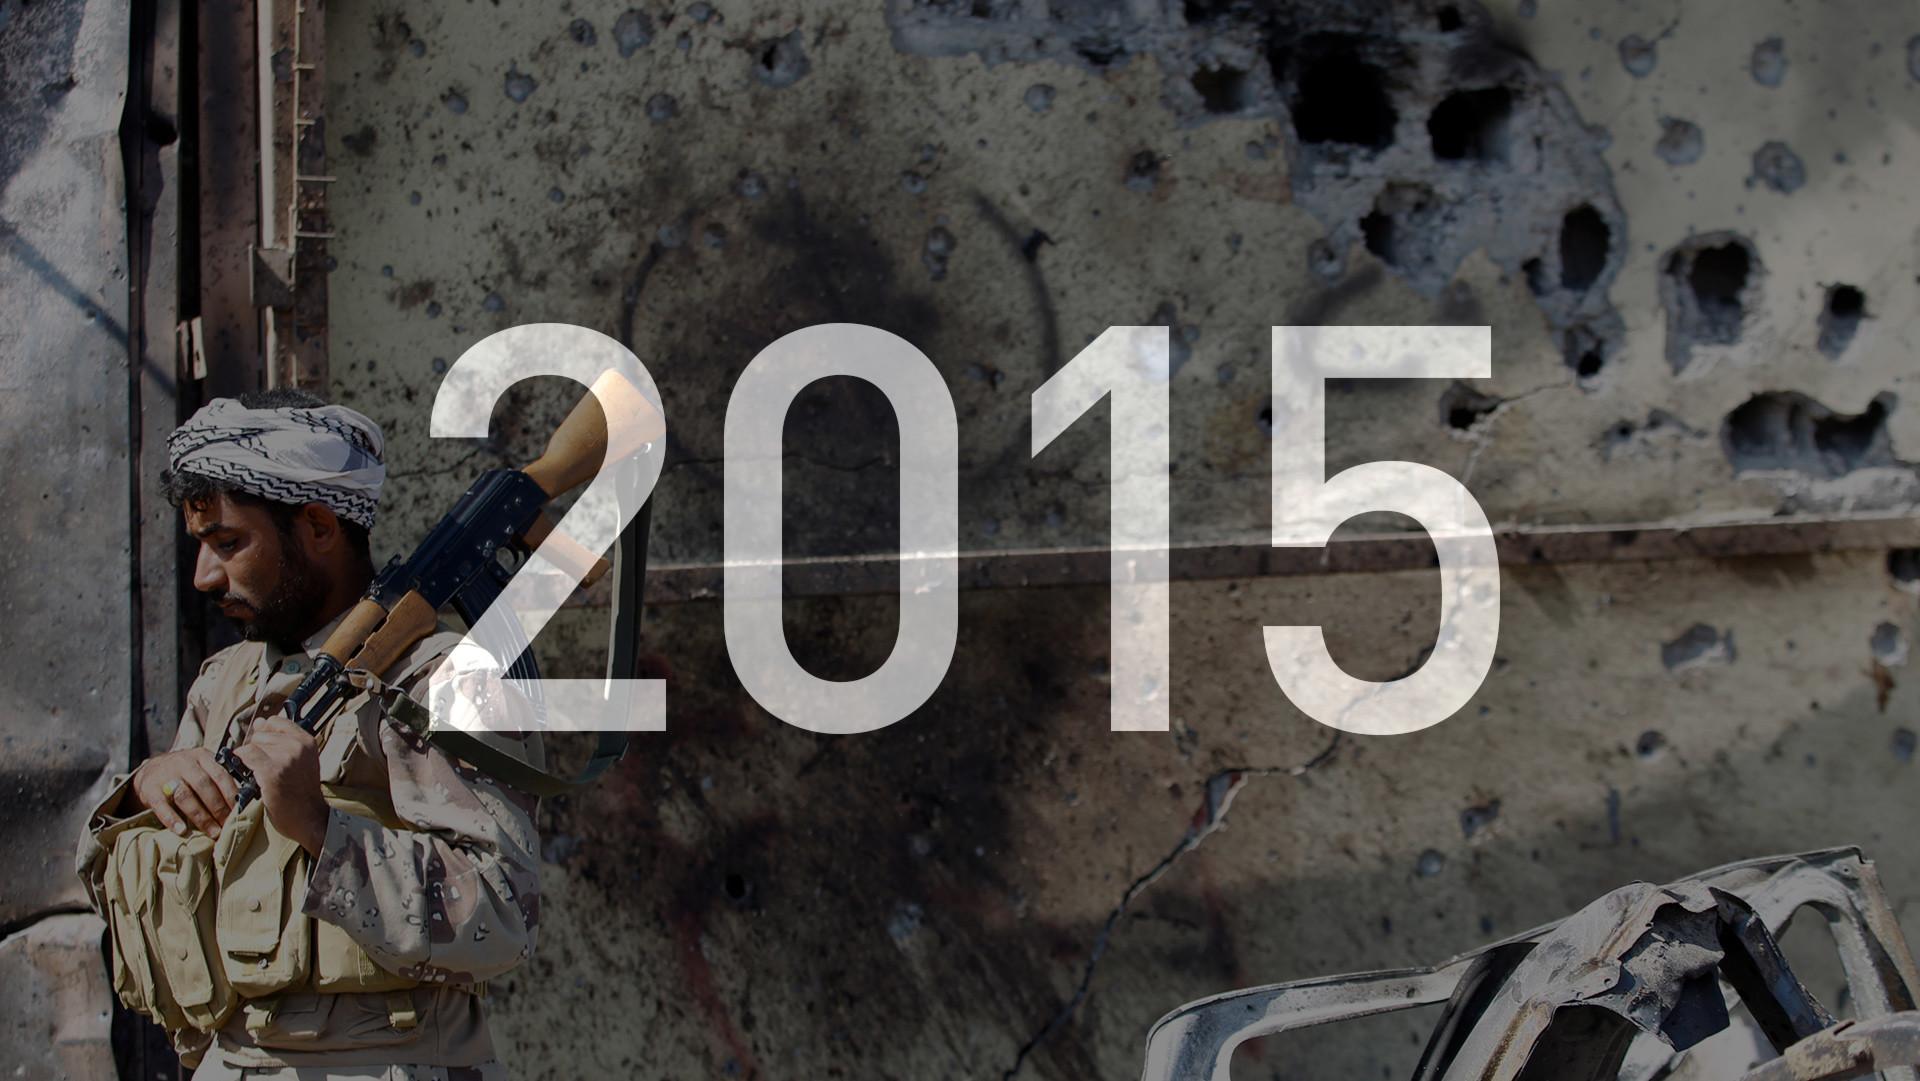 Los eventos del 2015 después de los cuales el mundo no será como antes